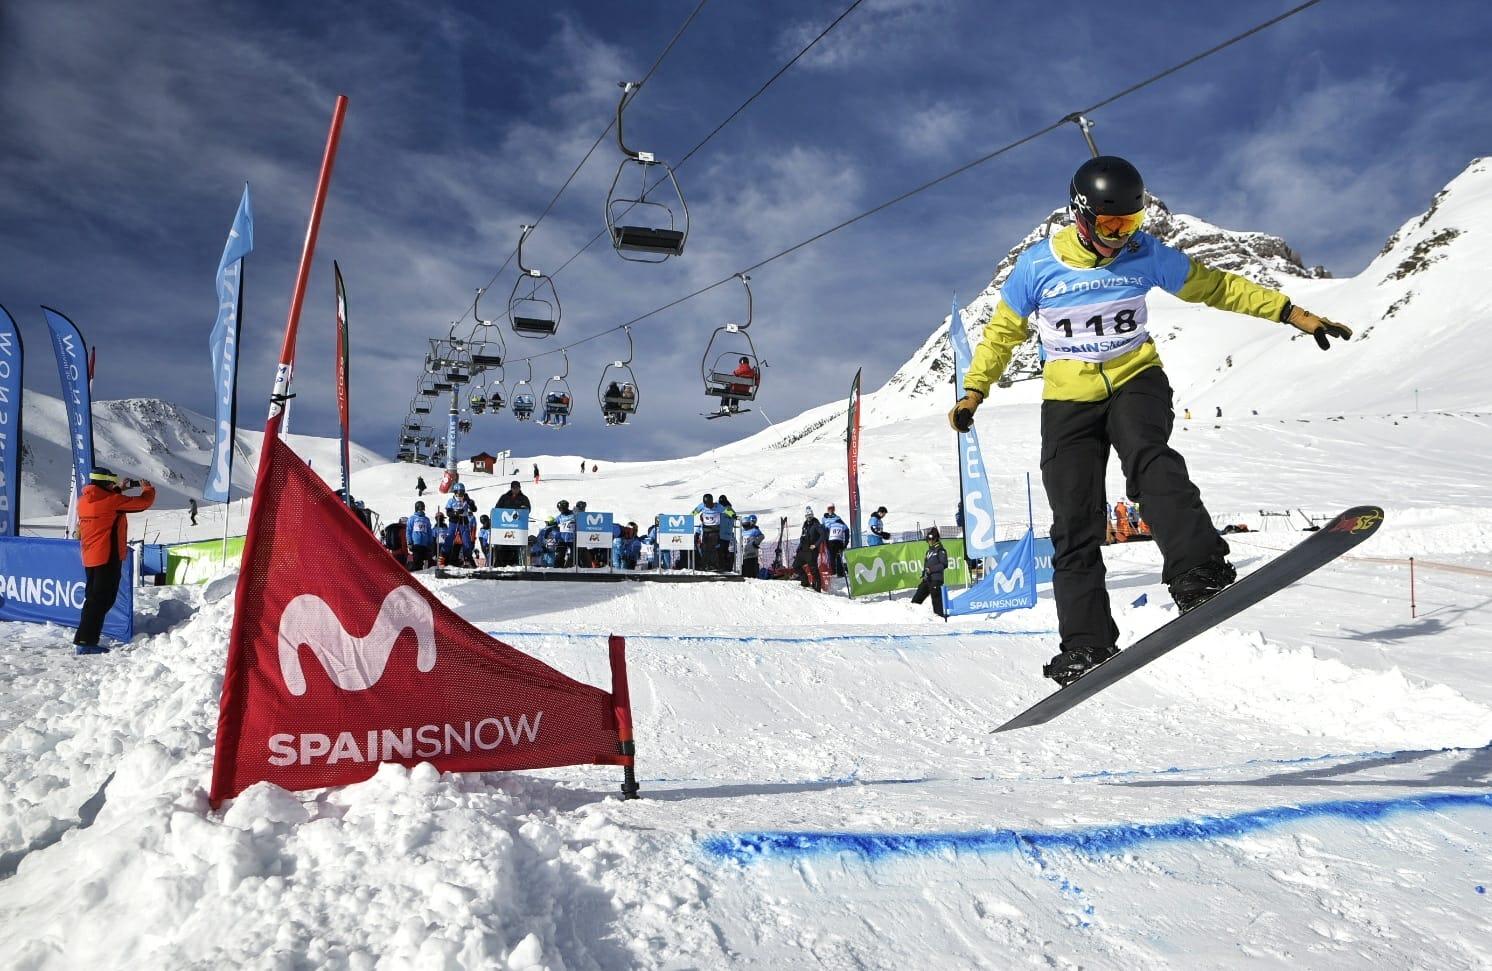 vacantes Campeonatos de España esquí alpino, esqui fondo SBX